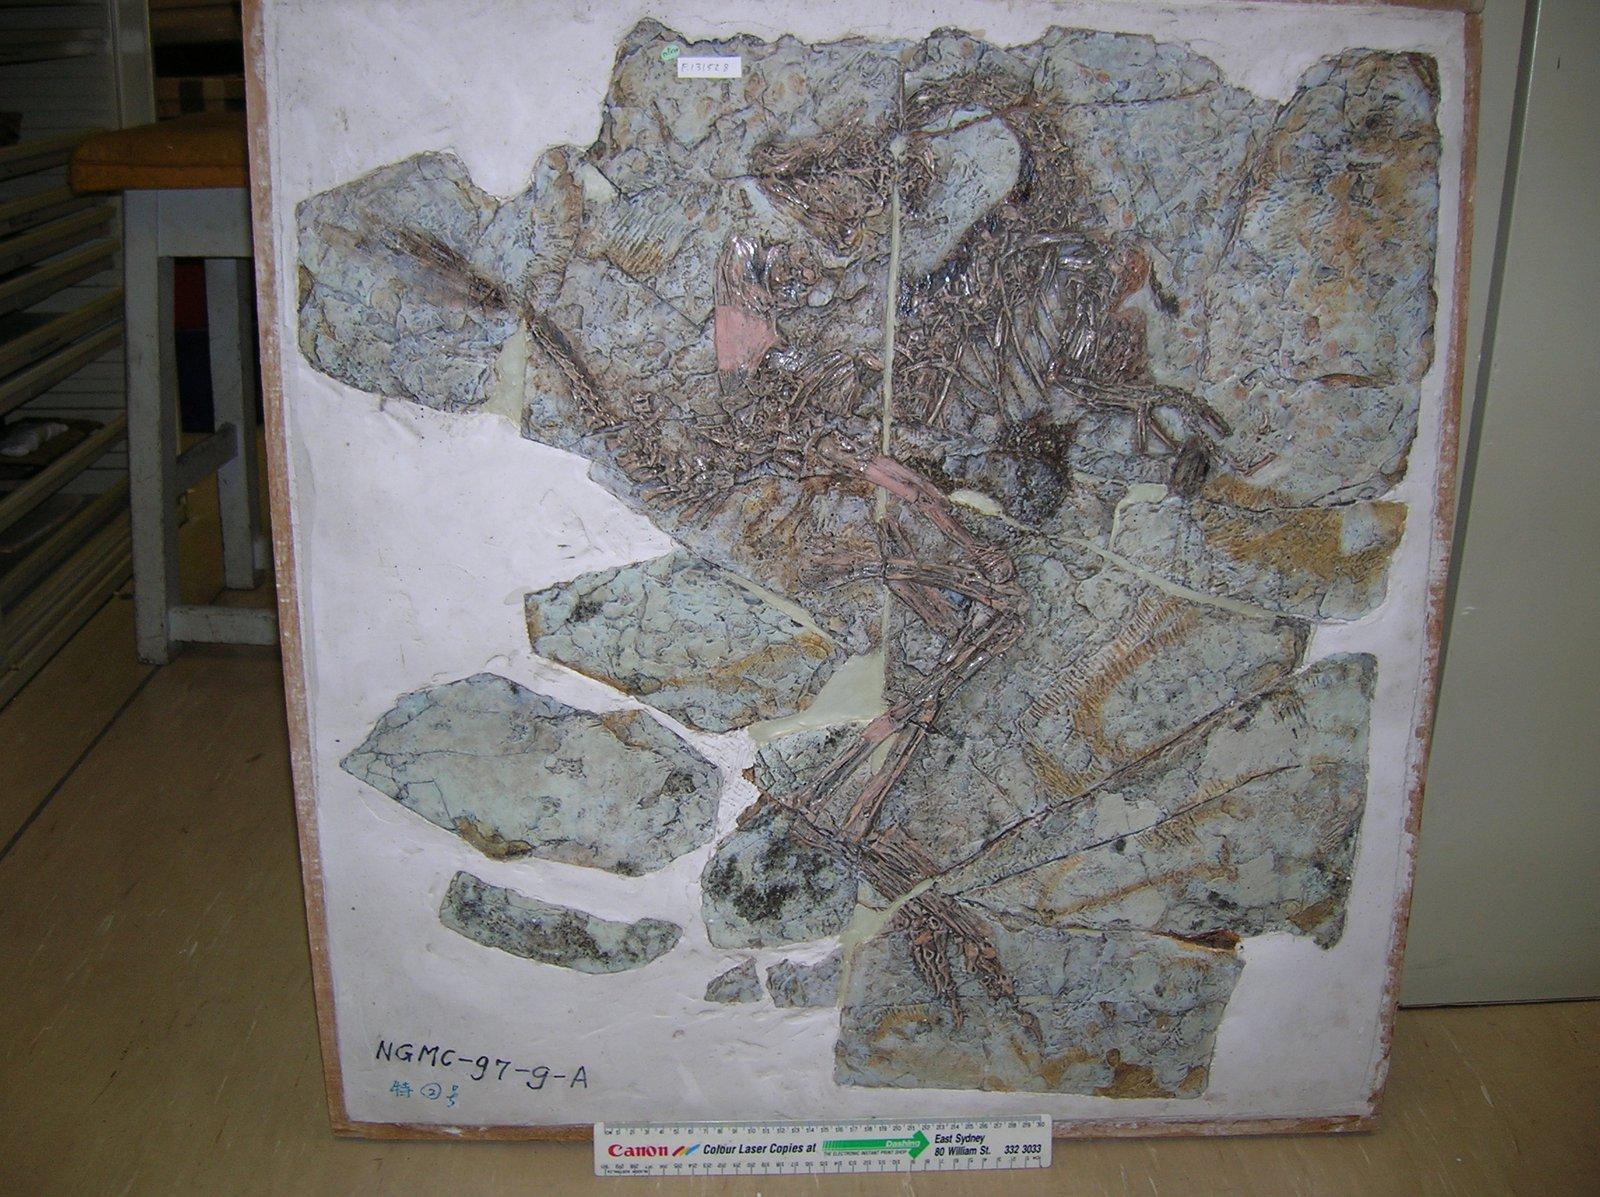 Fossil cast Caudipteryx zoui